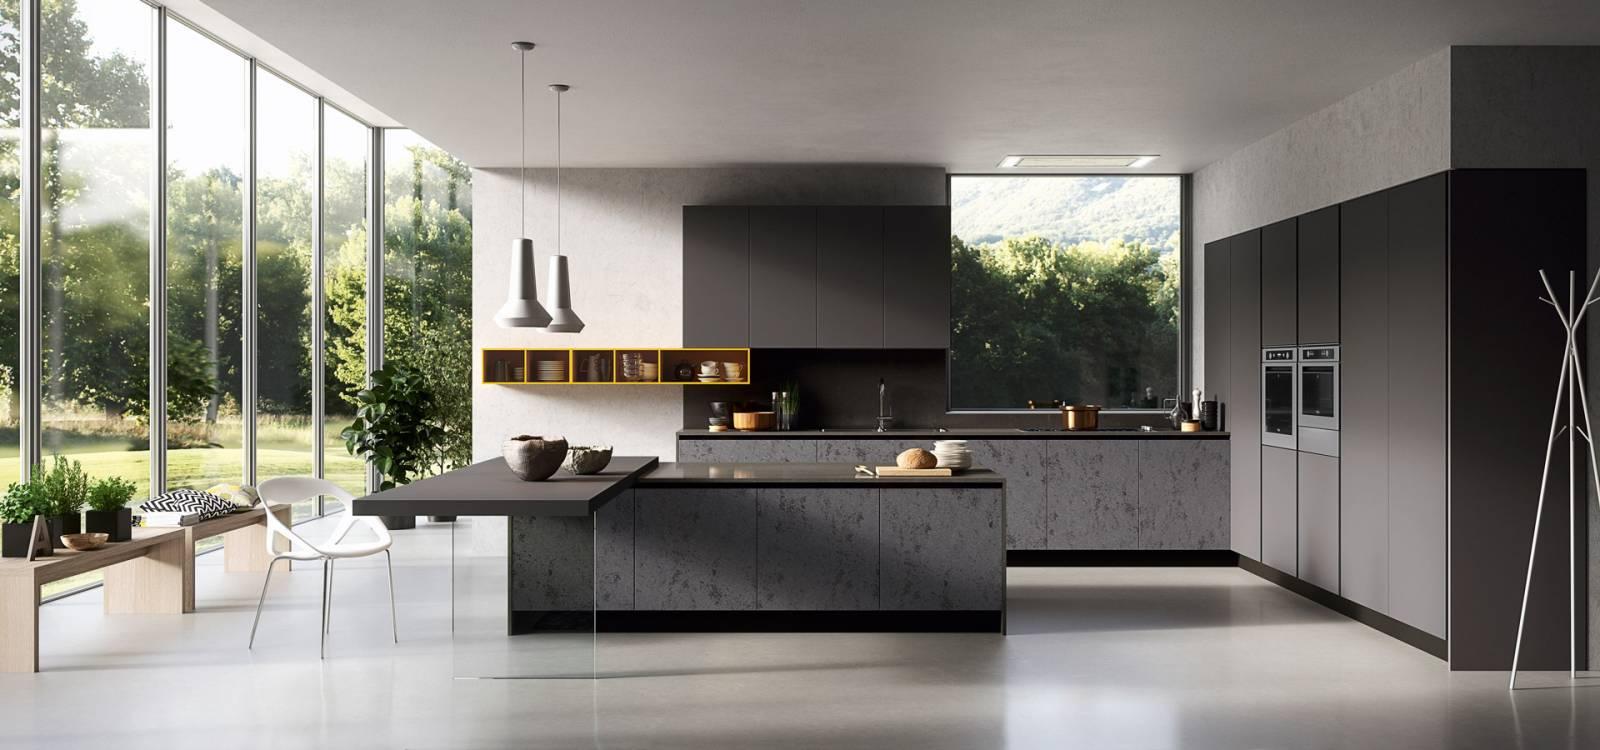 ou trouver un cuisiniste installateur de cuisine haut de gamme proche le havre 76600 odyss e. Black Bedroom Furniture Sets. Home Design Ideas